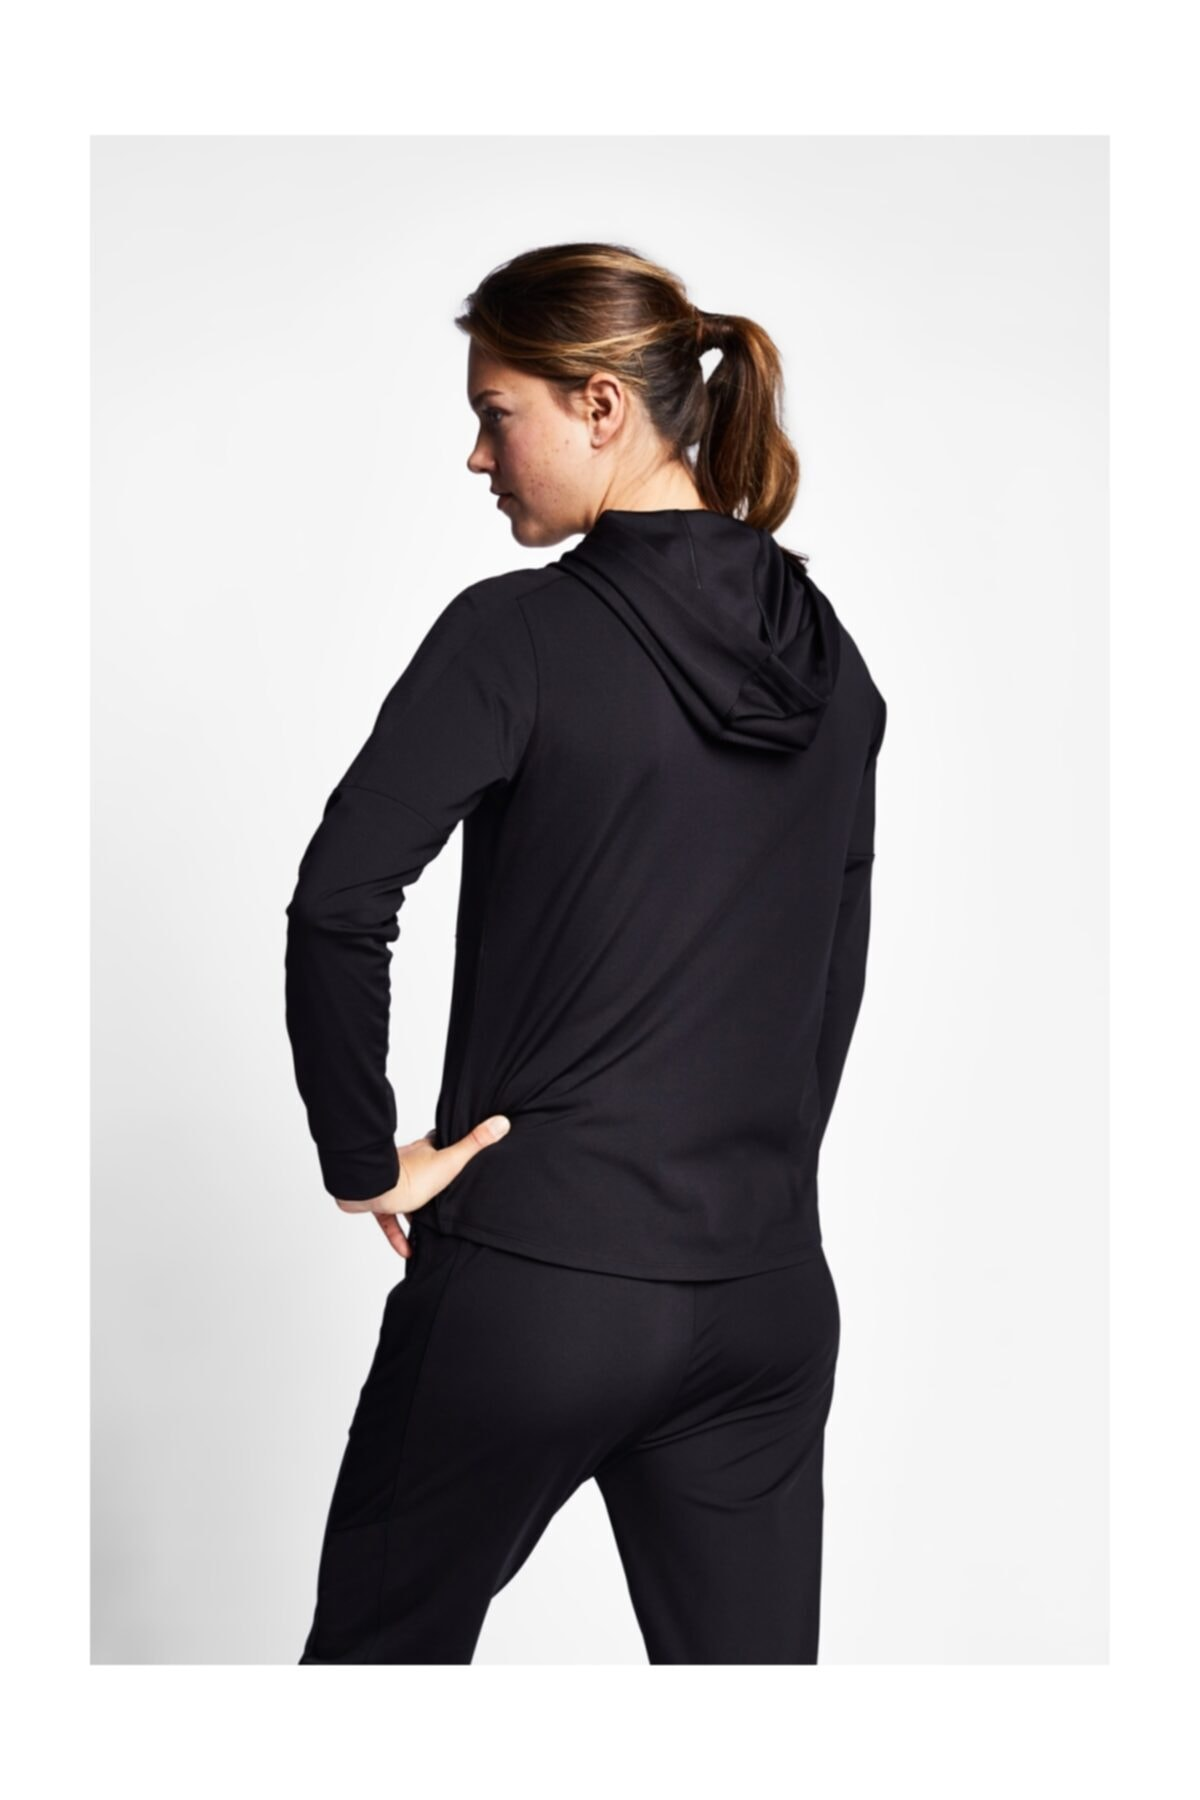 Lescon Kadın Sweatshirt - 19N-2001 Fermuarlı - 19ntbp002001-633 2